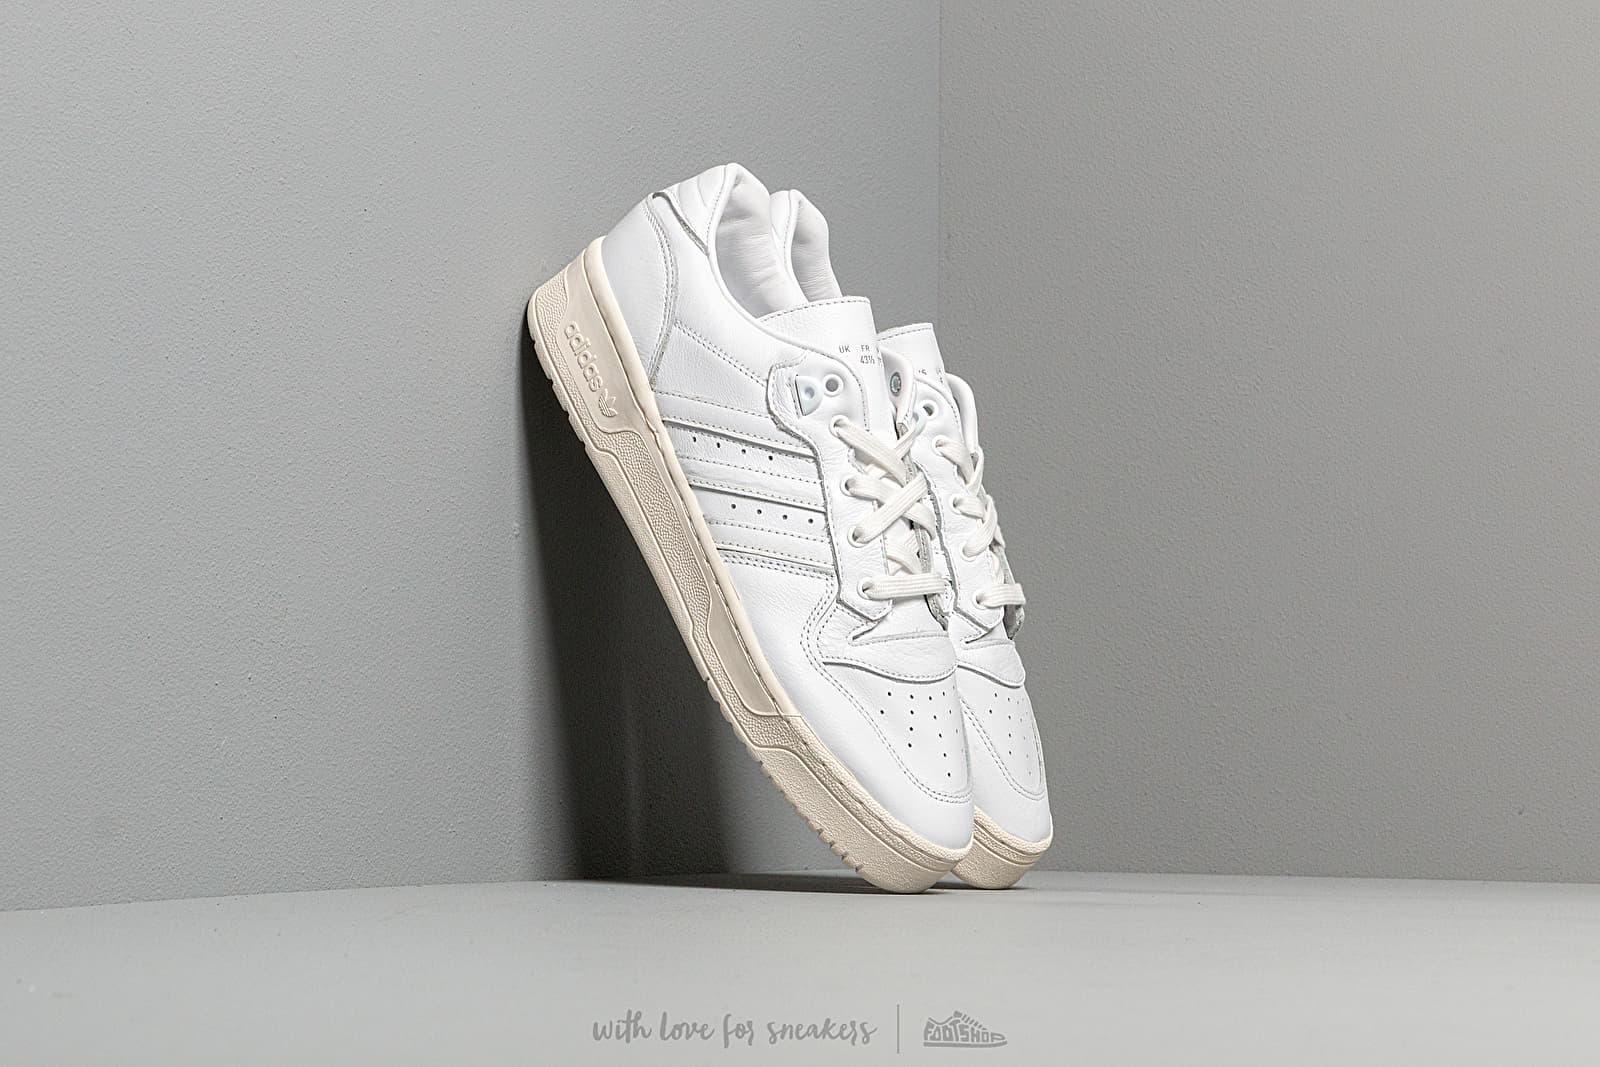 adidas Rivalry Low Ftw White/ Ftw White/ Off White za skvělou cenu 2 490 Kč koupíte na Footshop.cz